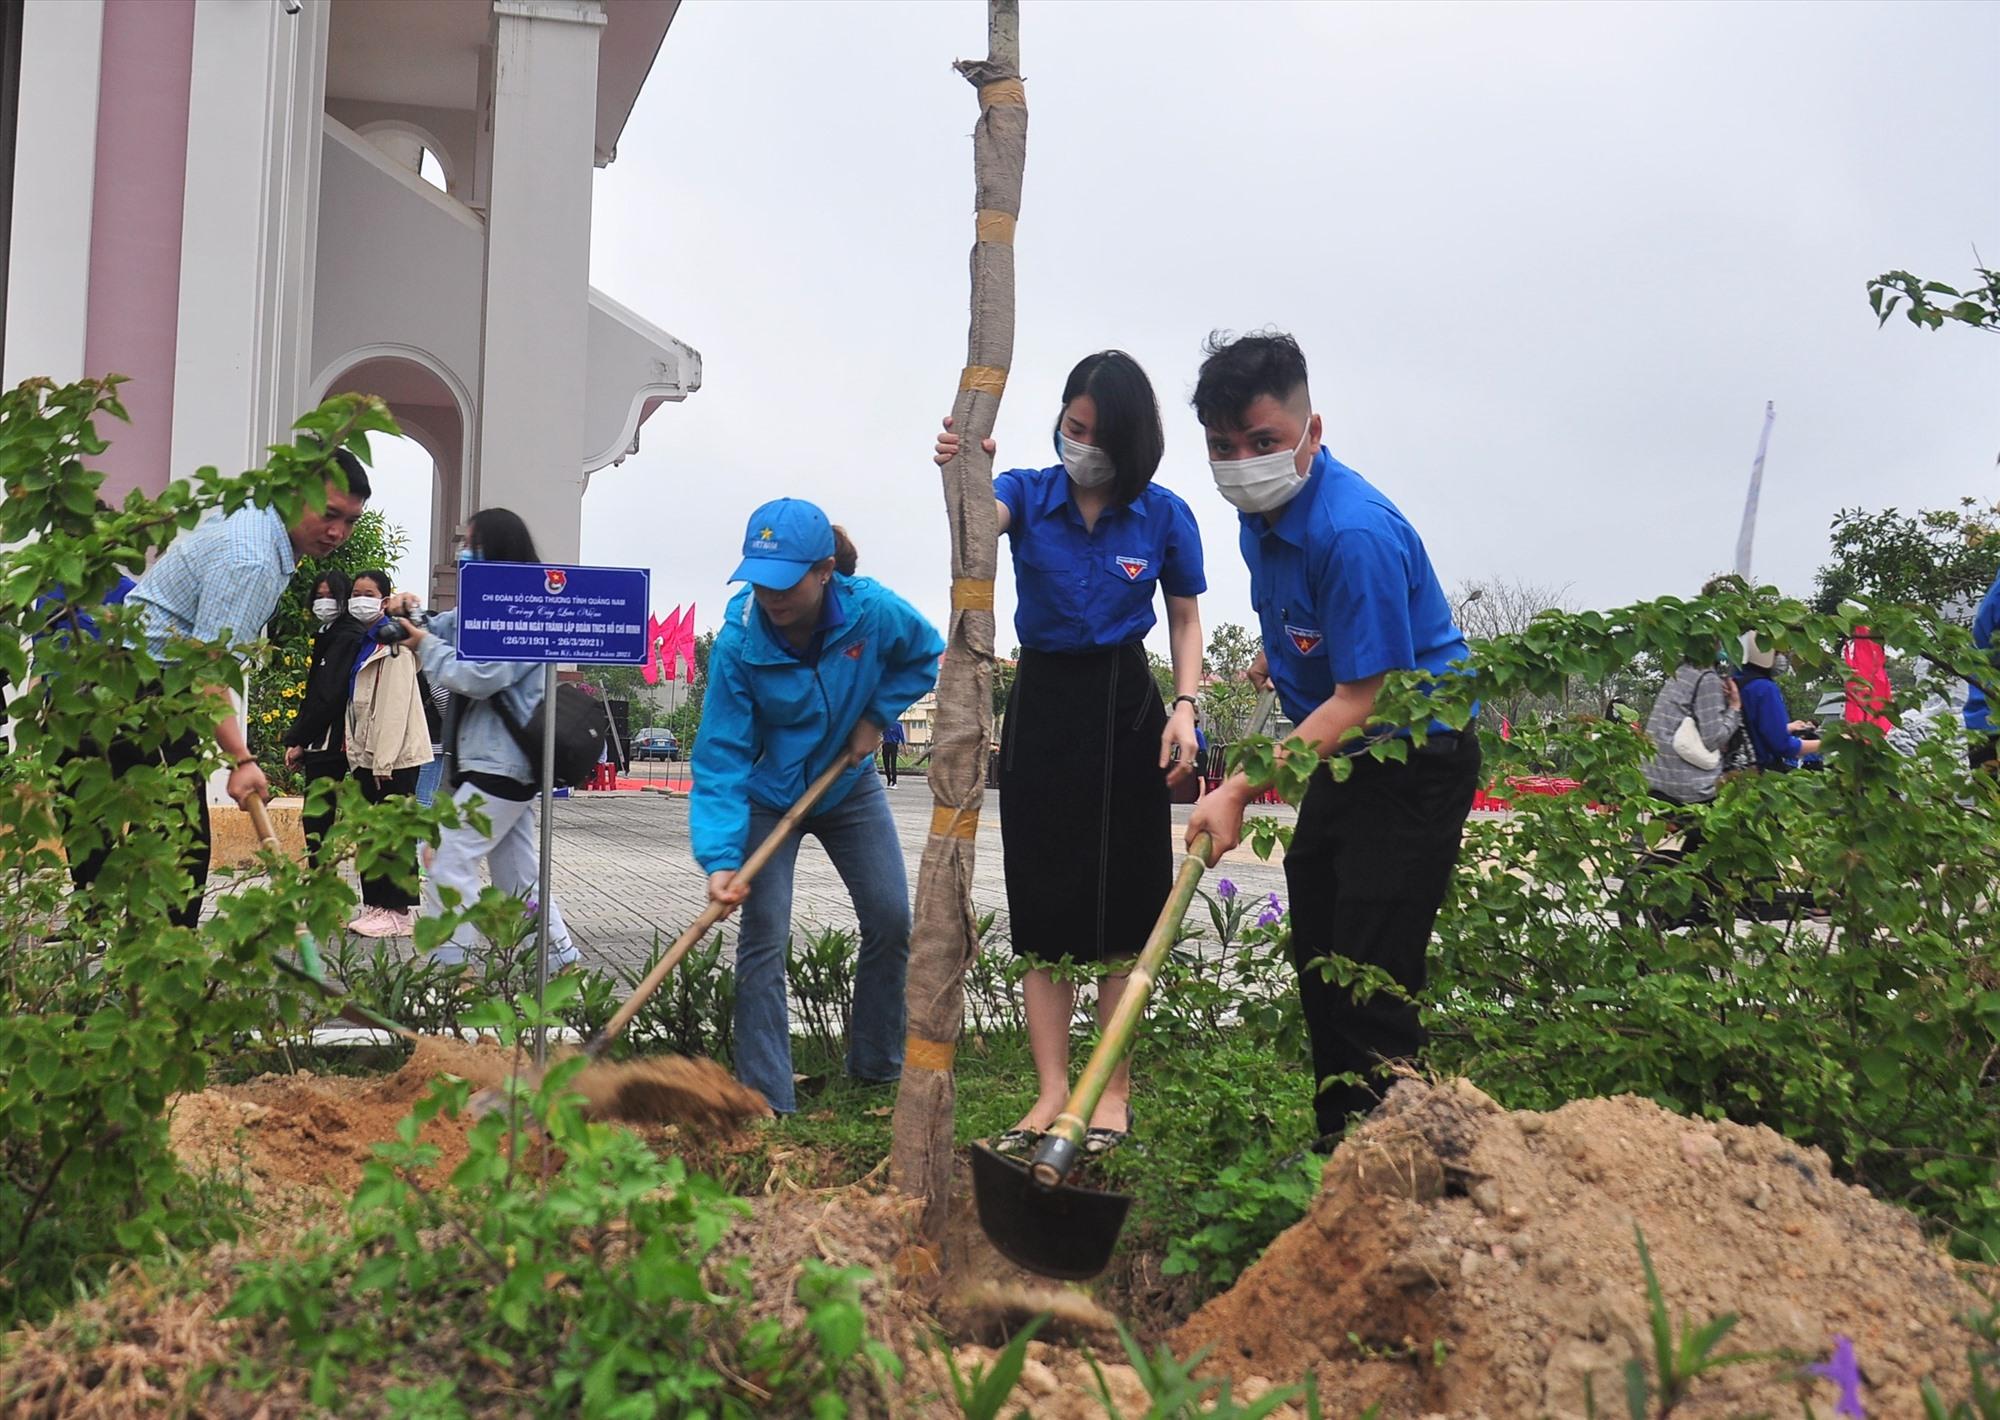 Các cơ sở đoàn trực thuộc Đoàn Khối các cơ quan tỉnh triển khai trồng cây xanh tại khuôn viên Bảo tàng Quảng Nam. Ảnh: VINH ANH